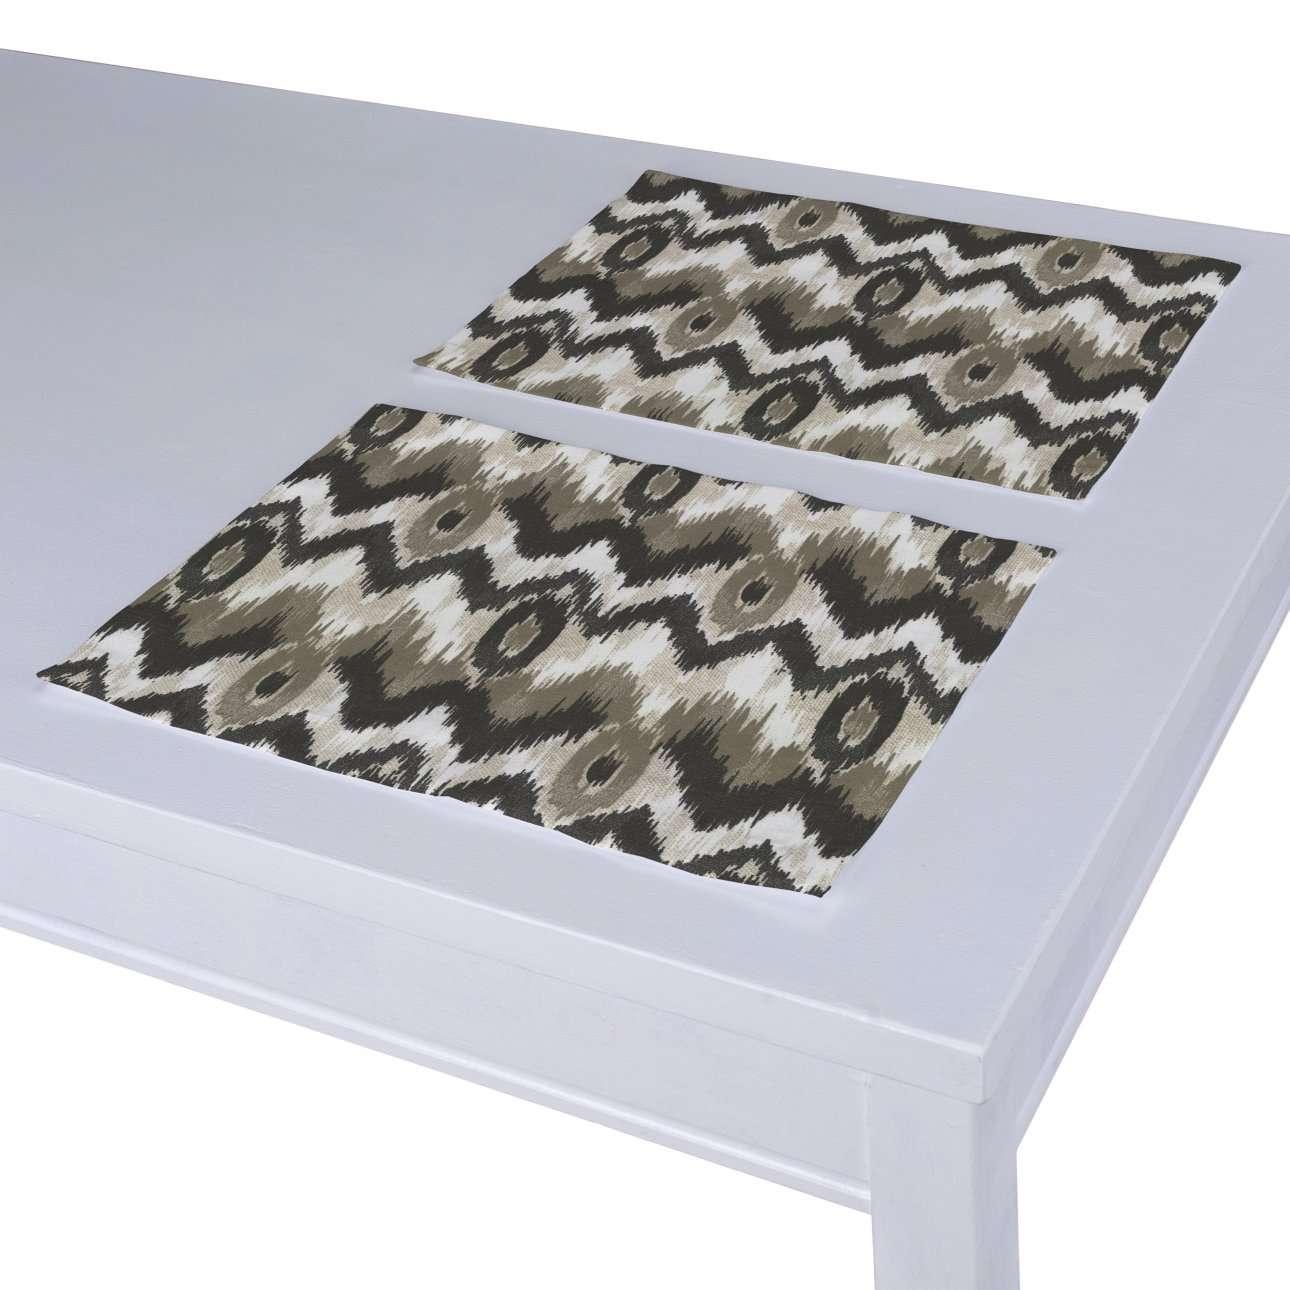 Tischset 2 Stck., schwarz-beige, 30 × 40 cm, Modern | Heimtextilien > Tischdecken und Co > Tisch-Sets | Dekoria